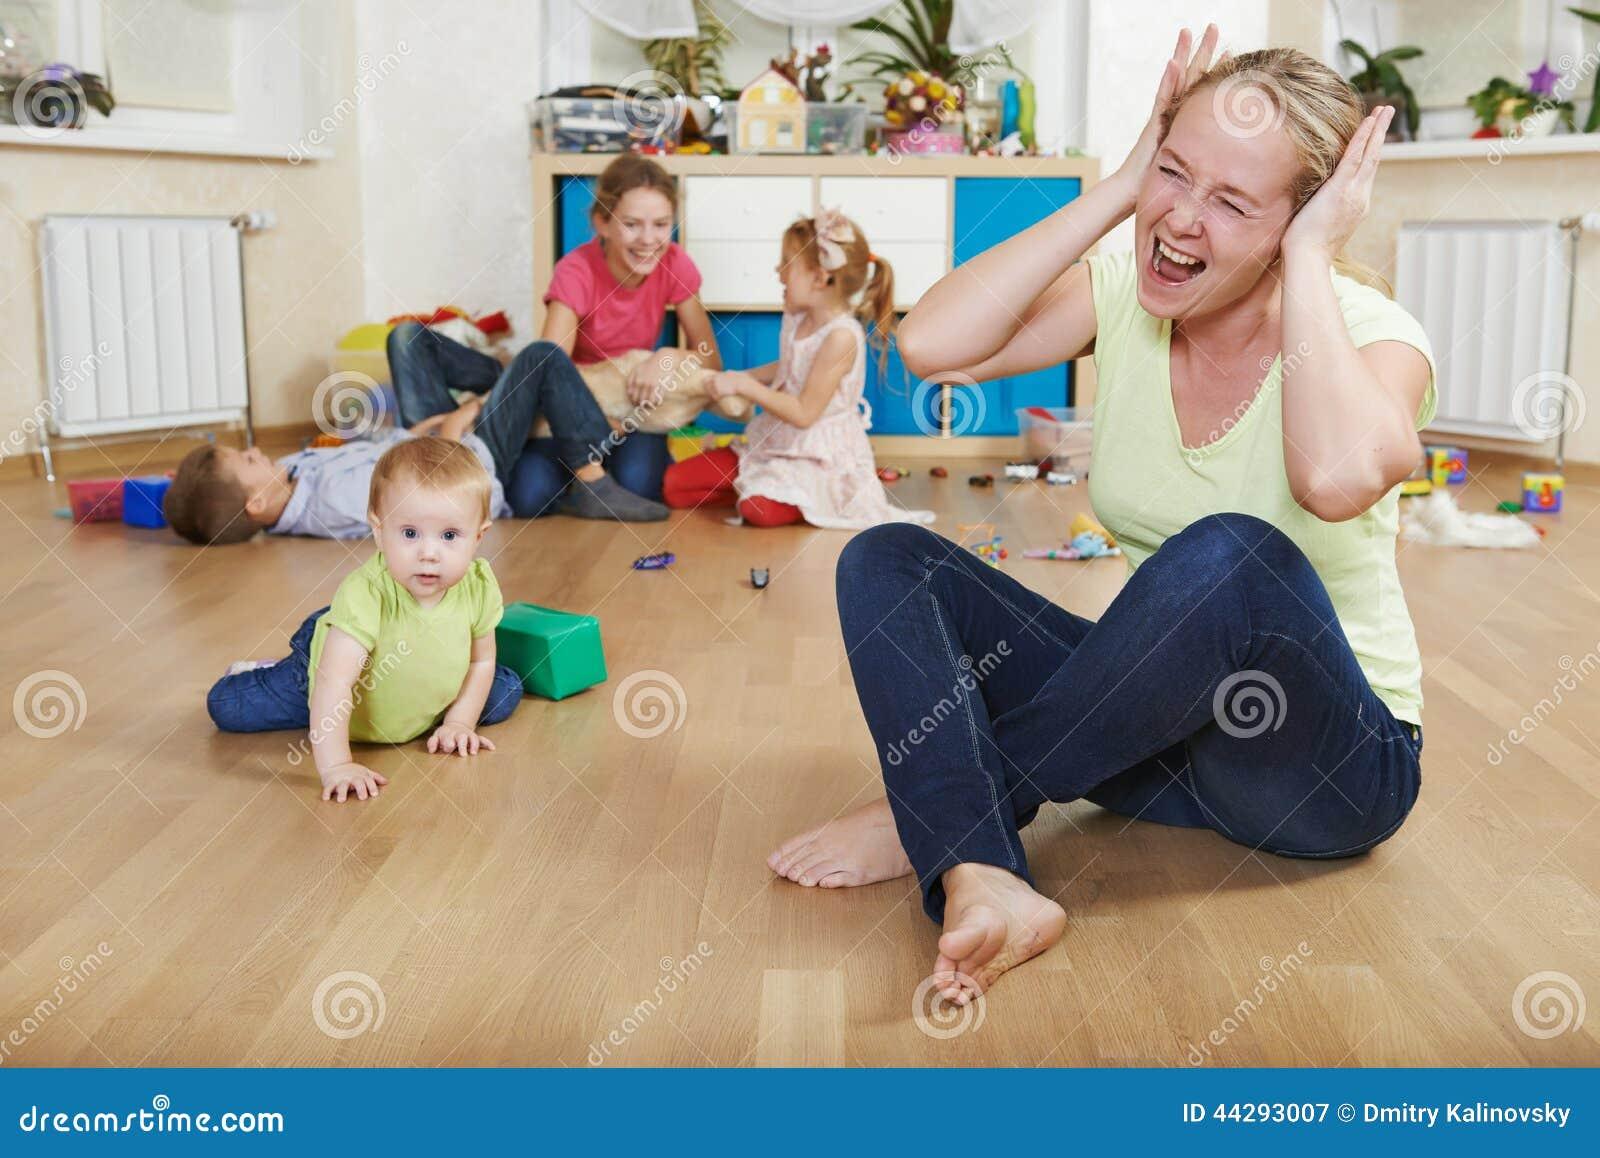 Dificuldades Parenting e de família